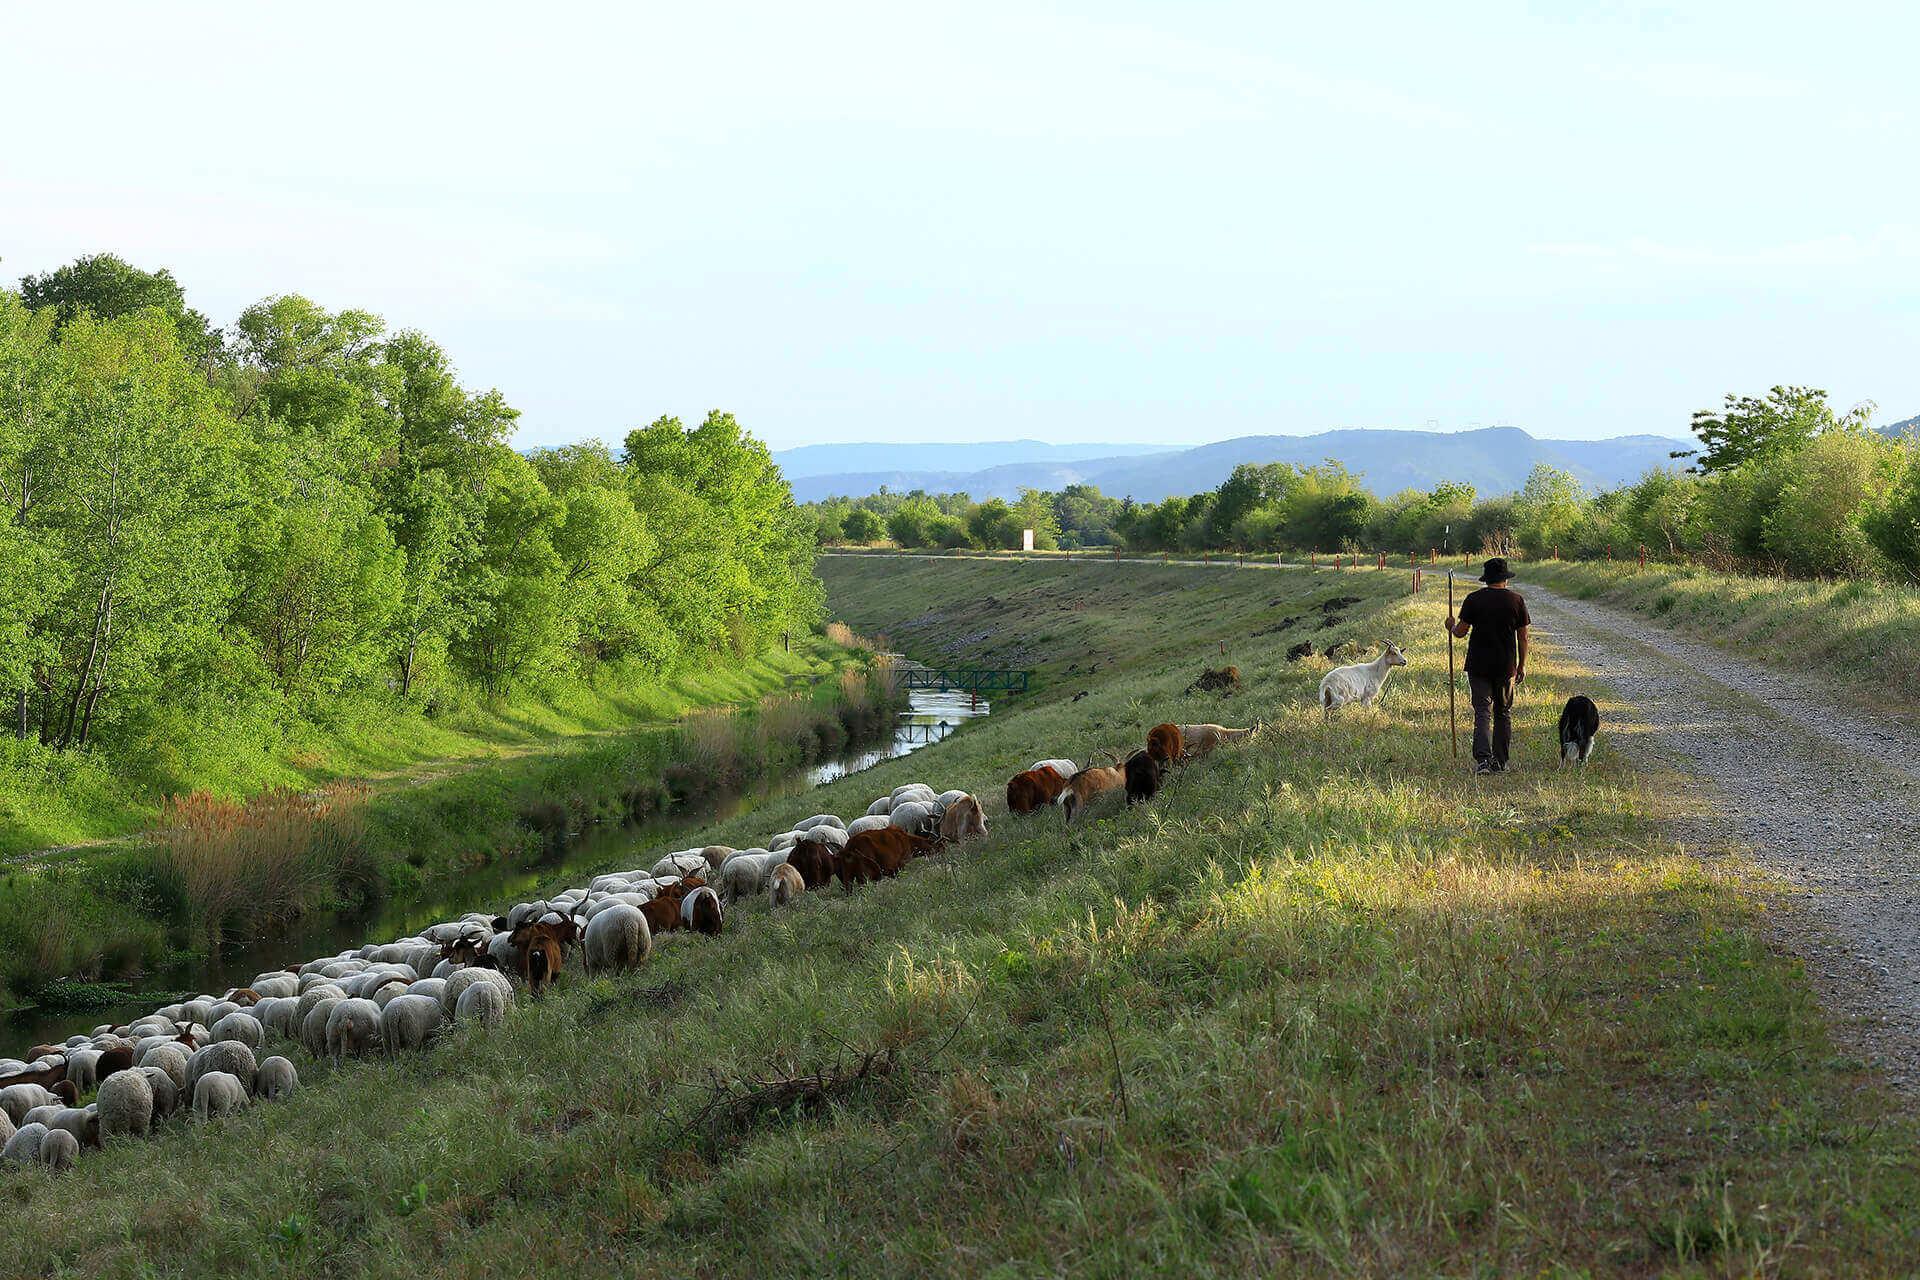 Le fleuve Rhône, Km 559 Drôme, Portes-lès-Valence